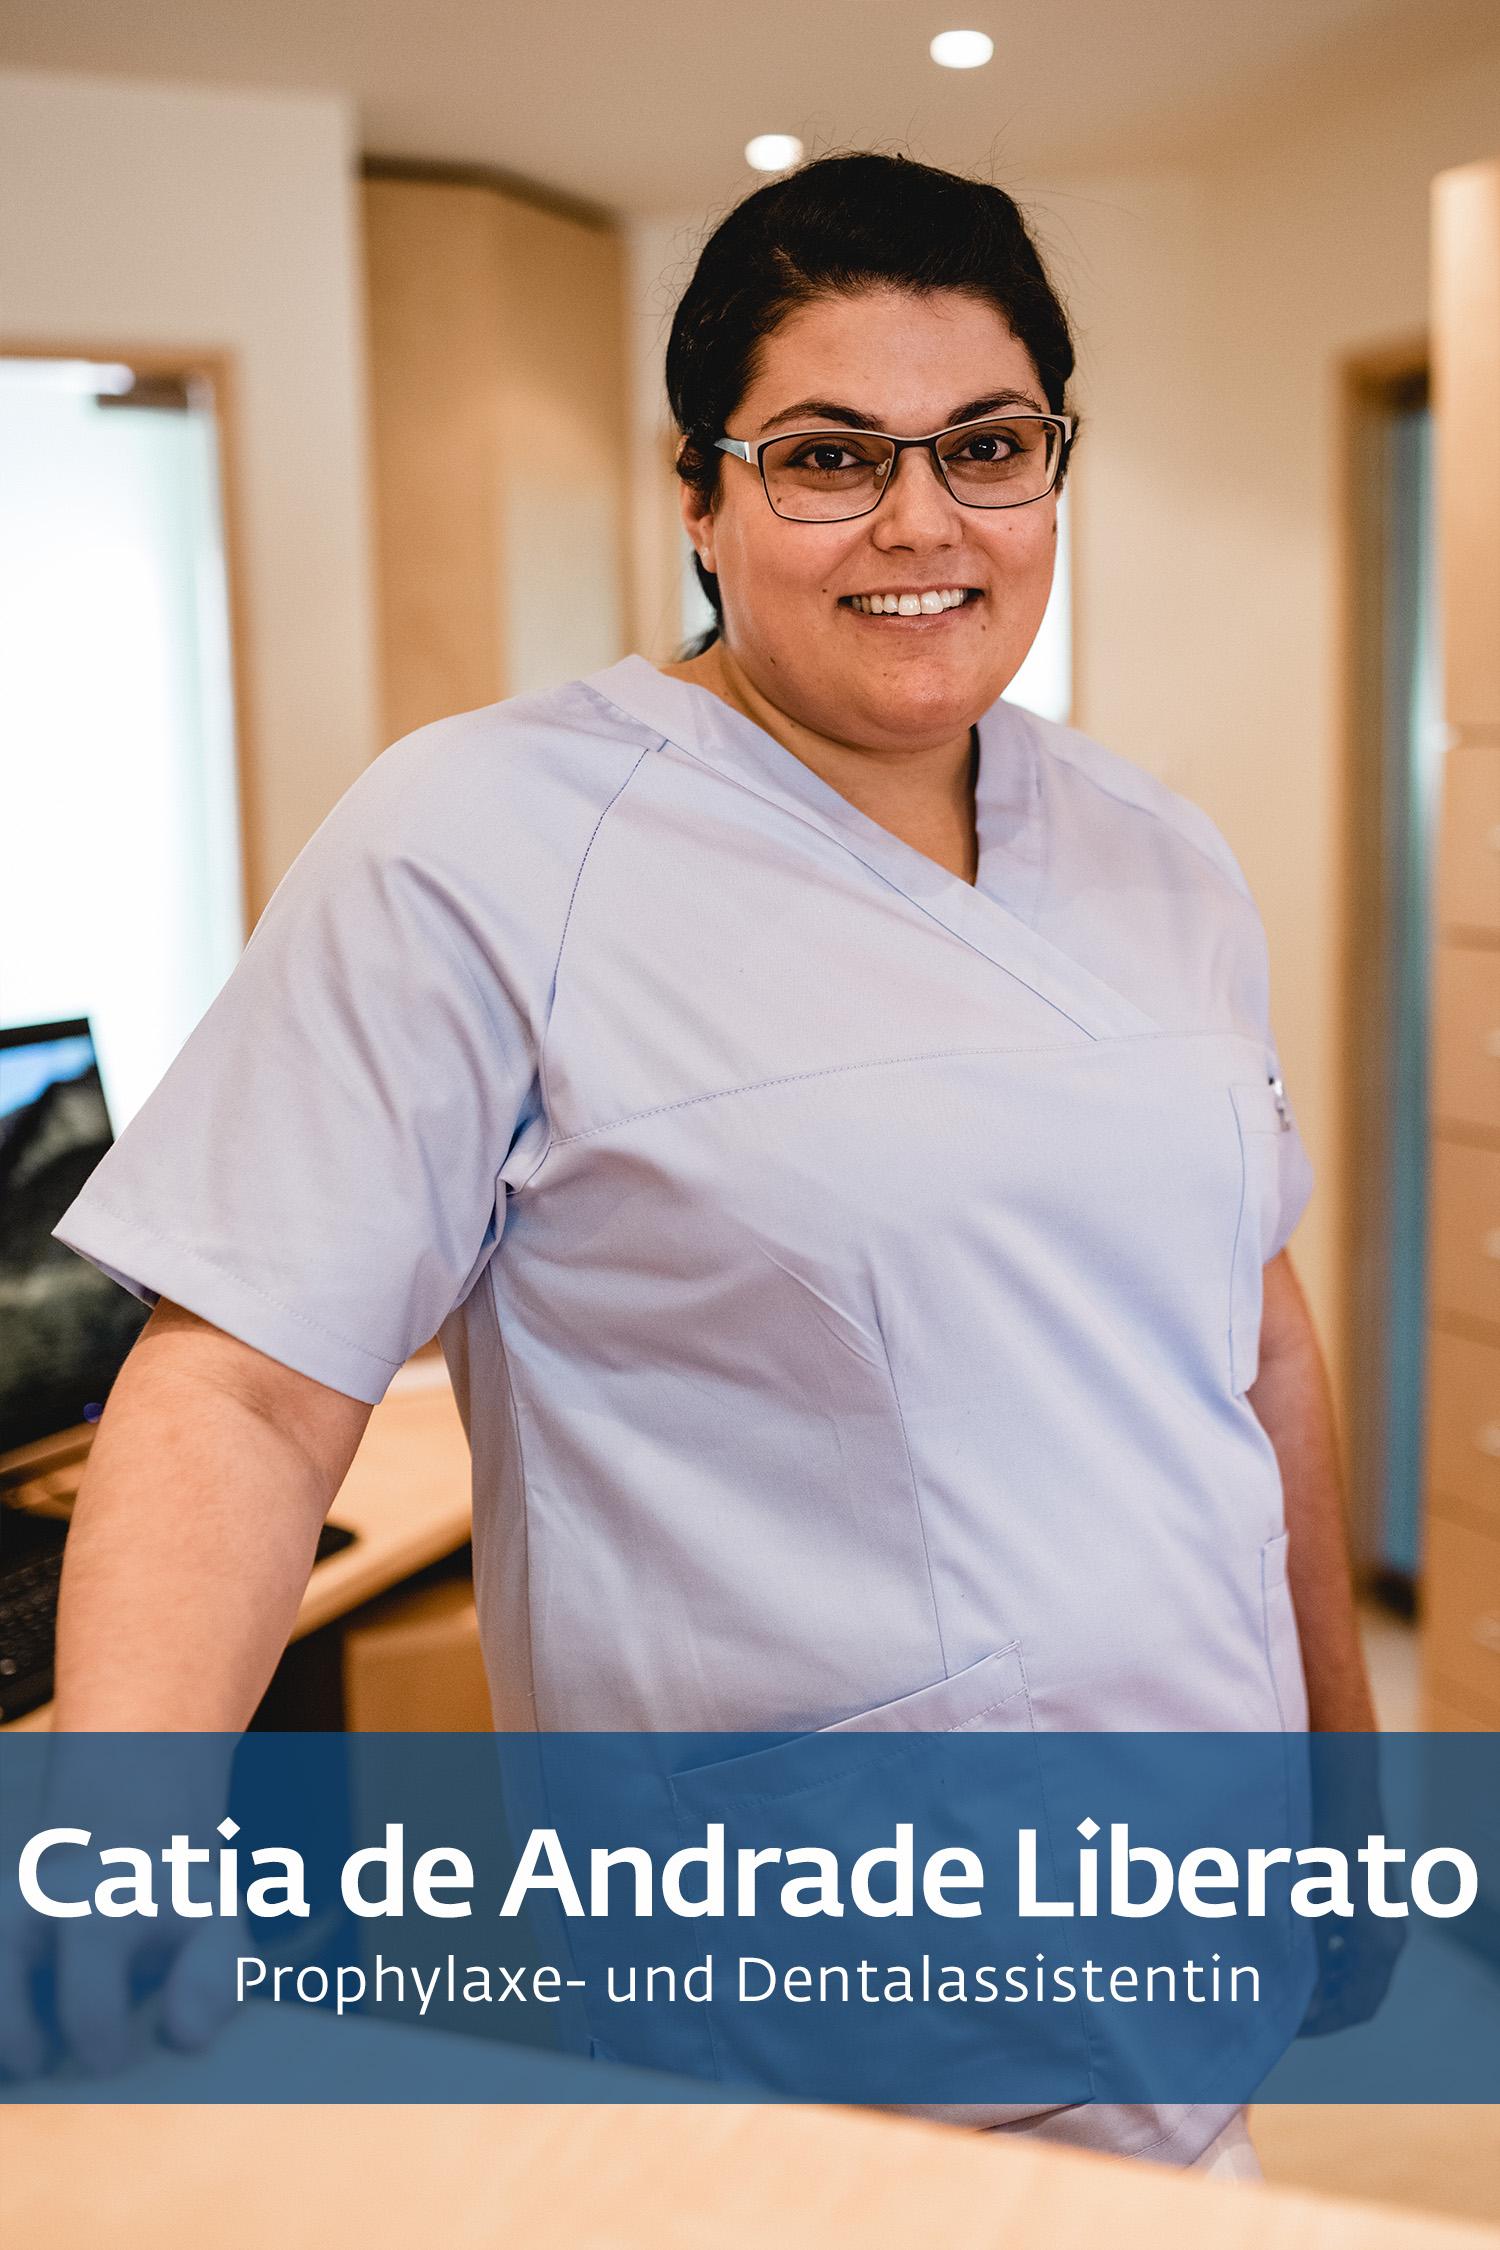 Catia de Andrade Liberato